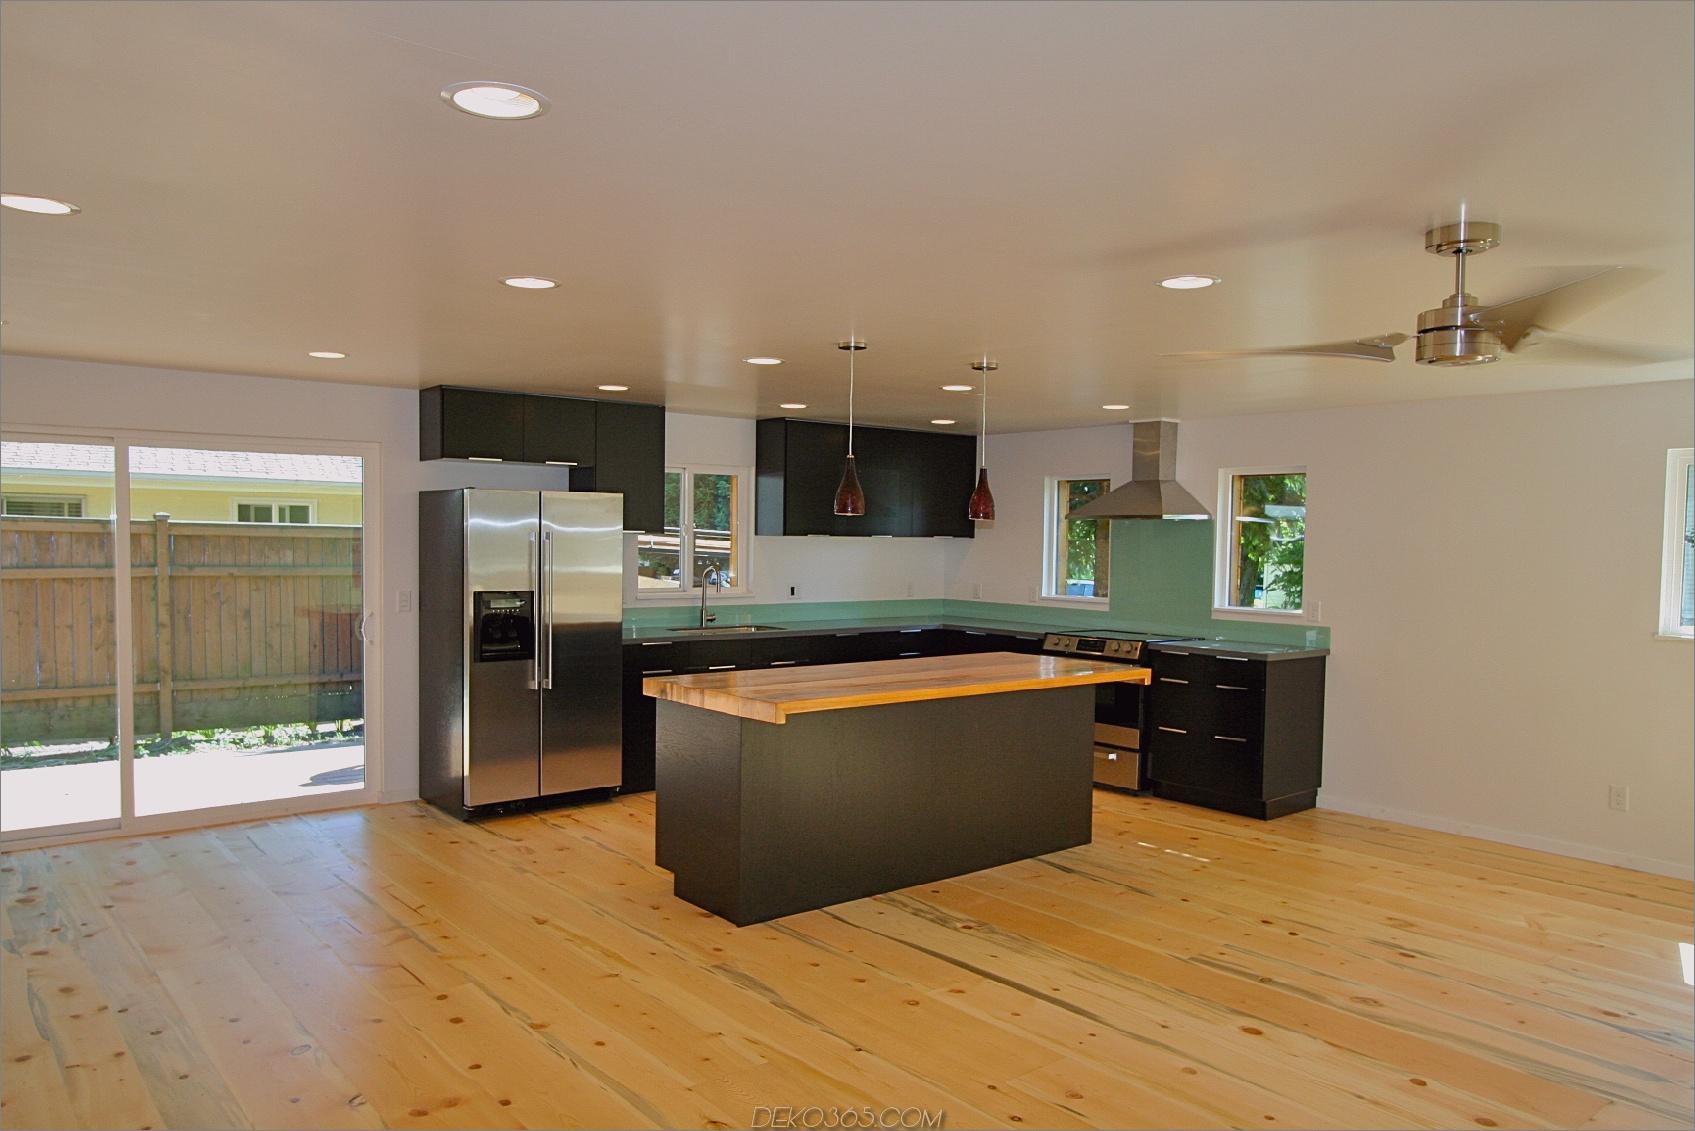 Kiefernbodenbelag Holzfußboden-Designs, die aktuell im Trend sind